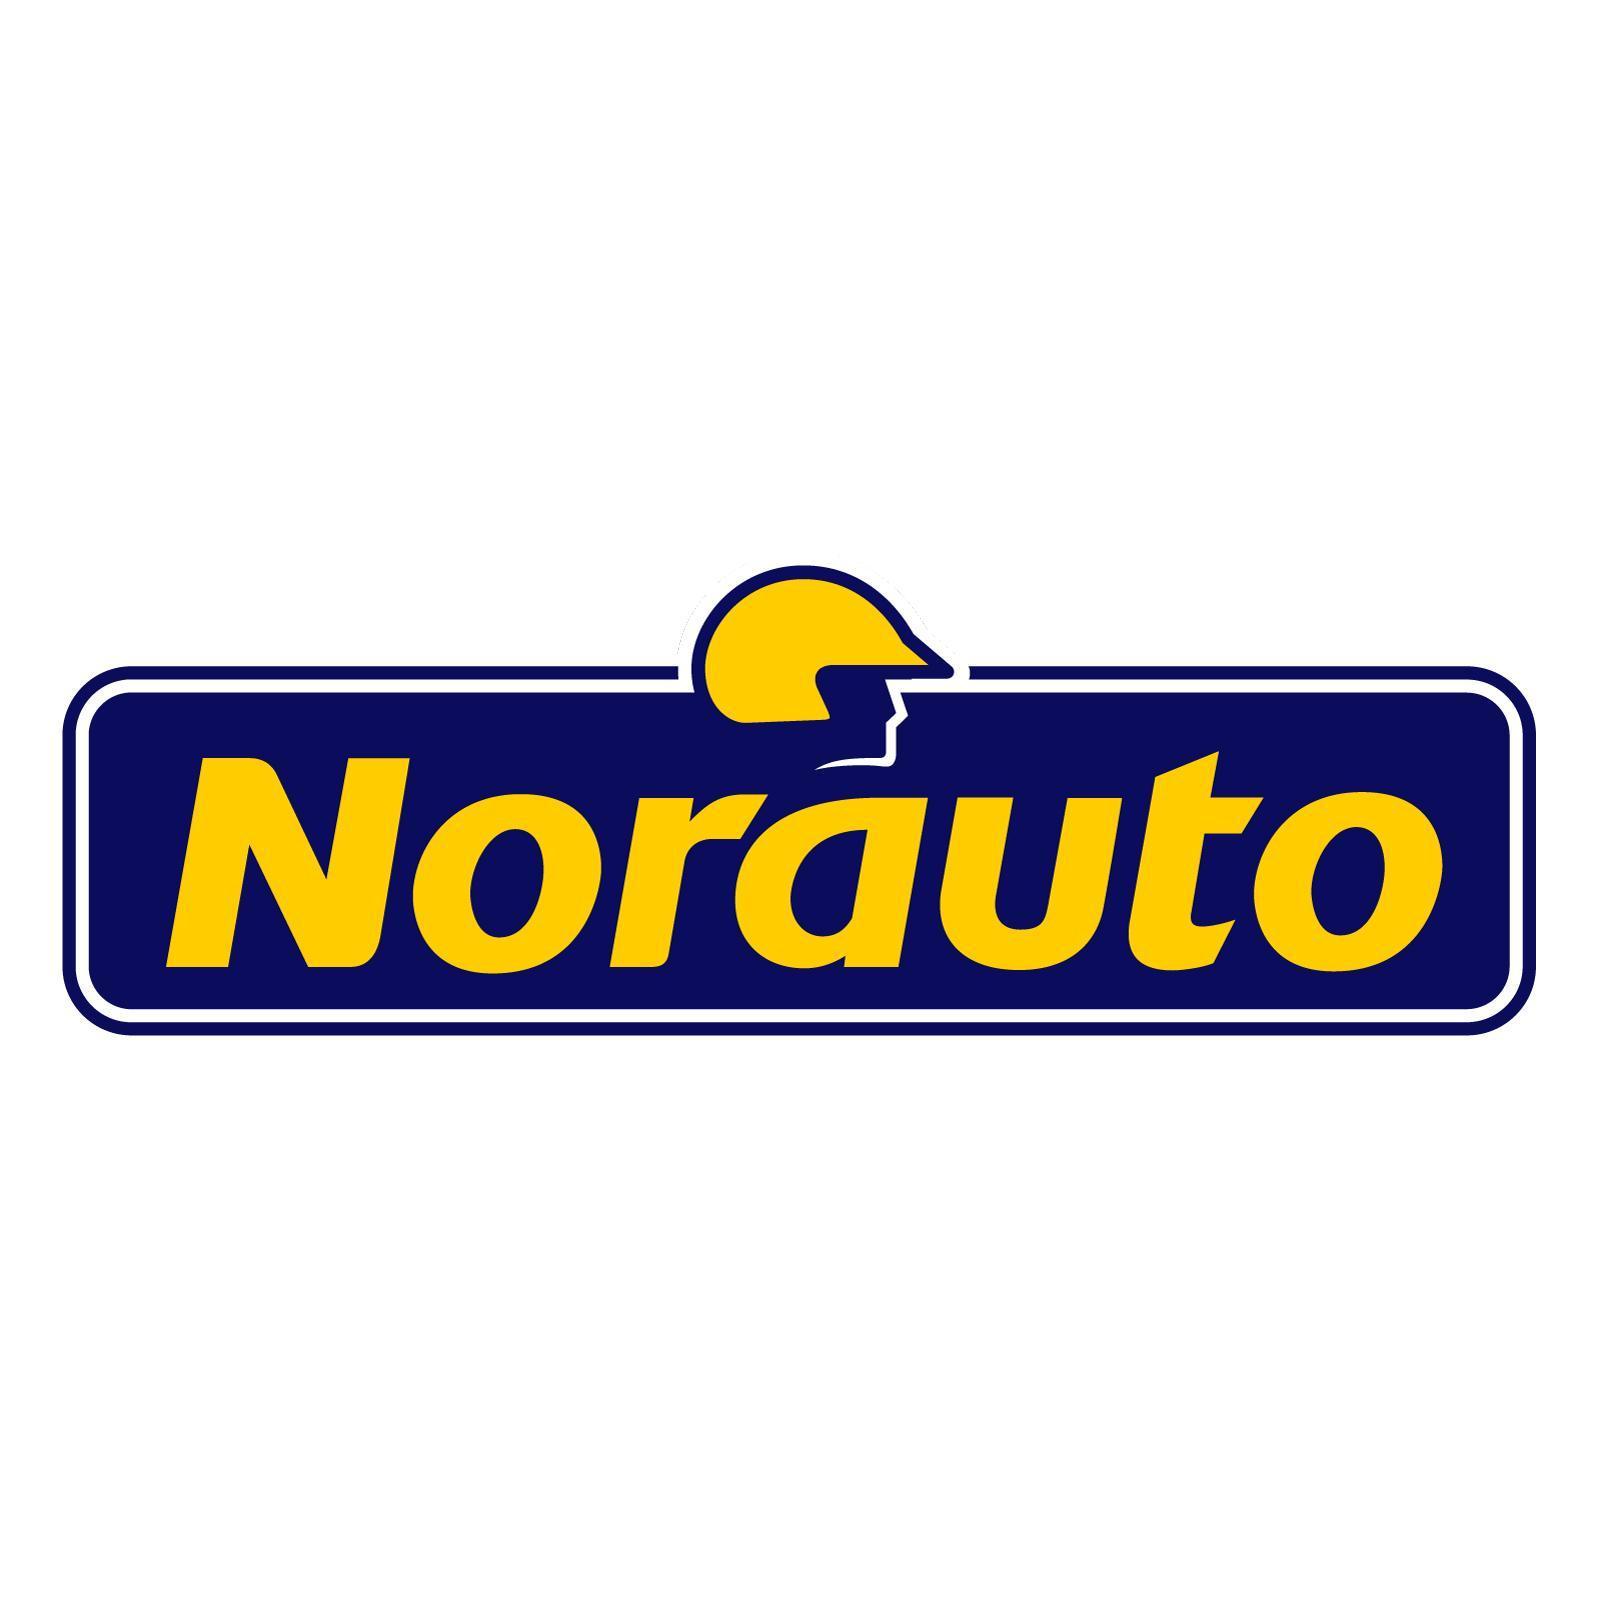 Jusqu'à 90€ offert en Ticket Kadéos pour l'achat de 2 ou 4 pneus Michelin + montage (via formulaire)